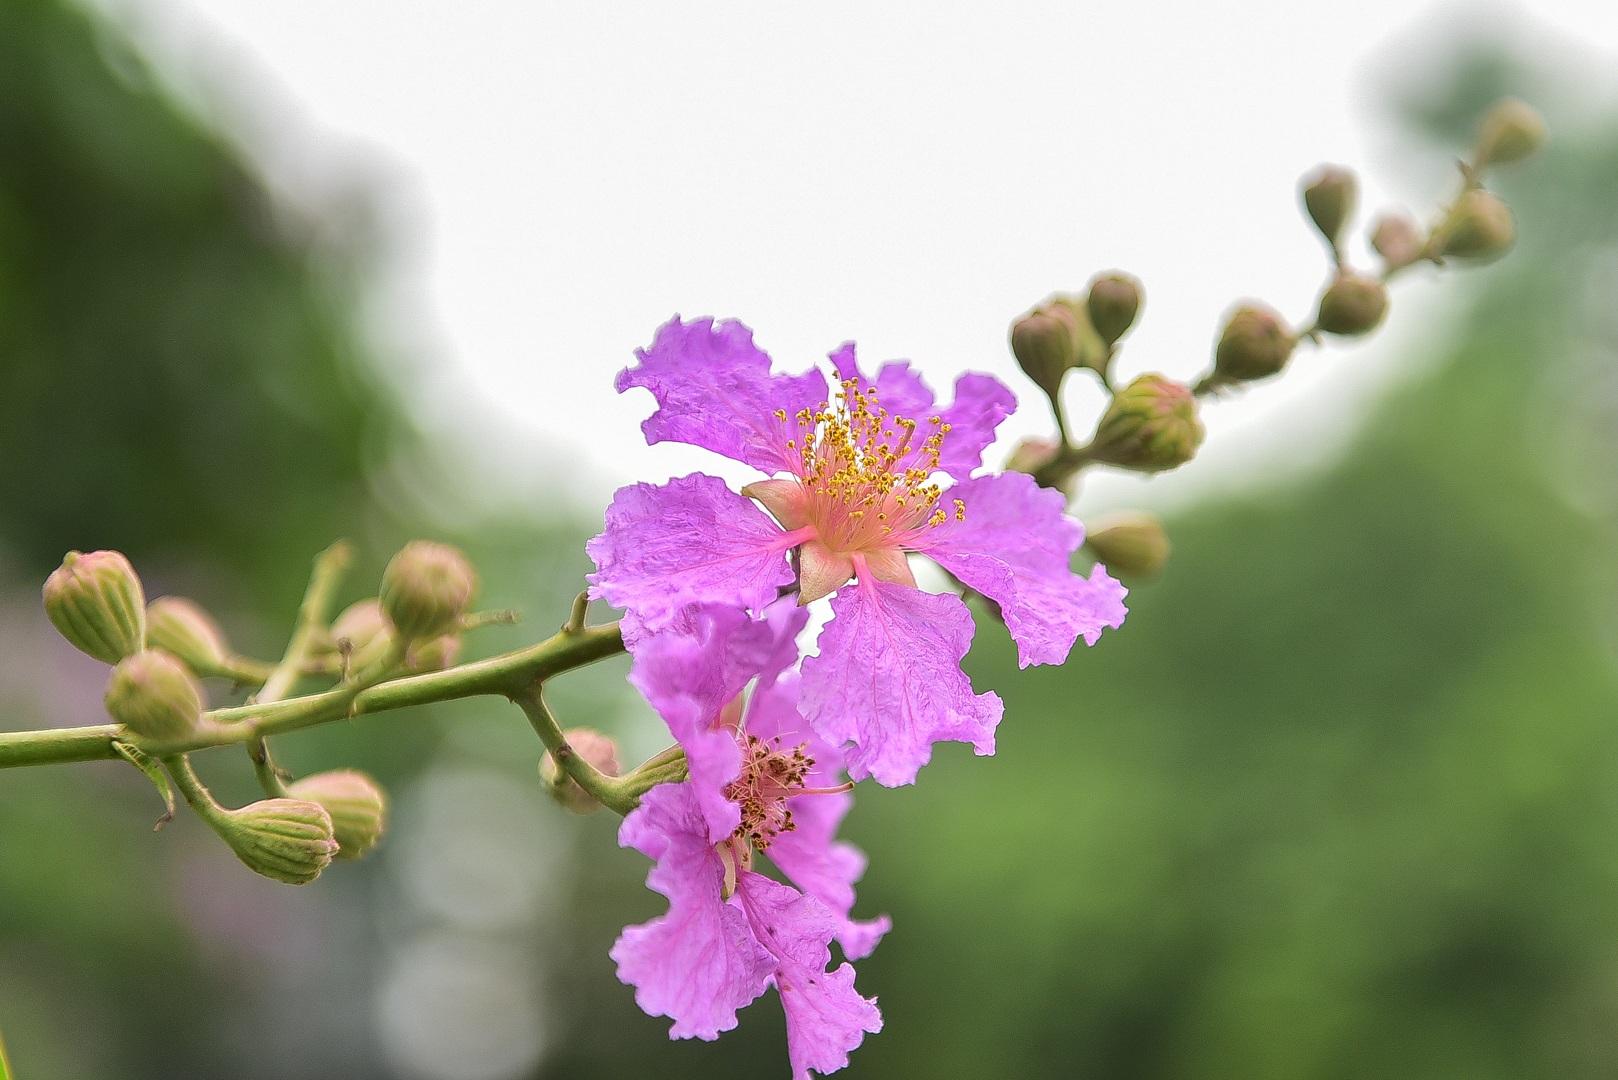 Hoa bằng lăng mộng mơ nhuộm tím đường phố Hà Nội - 3